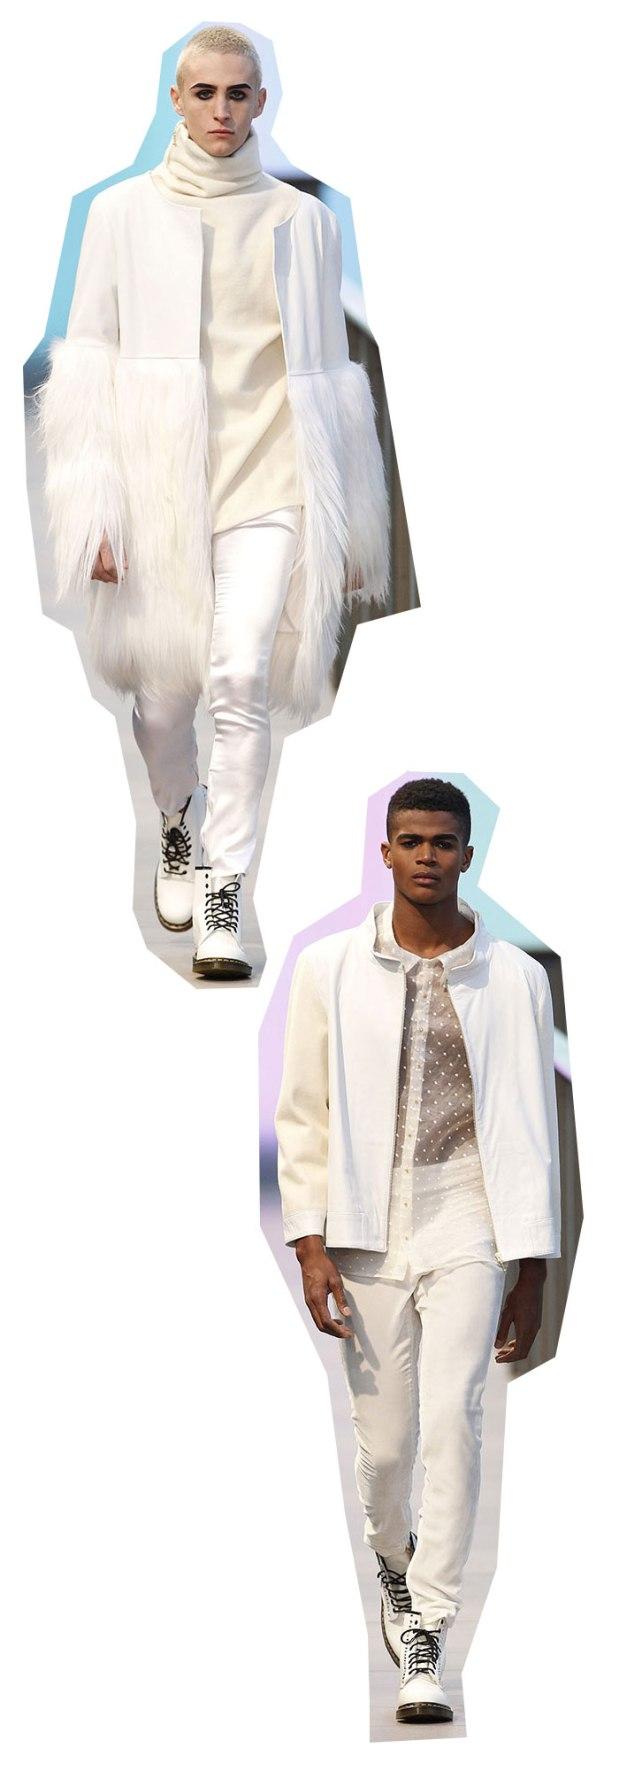 albeniz-080-barcelona-fashion-fw2014-2015-men-collection-modaddiction-6